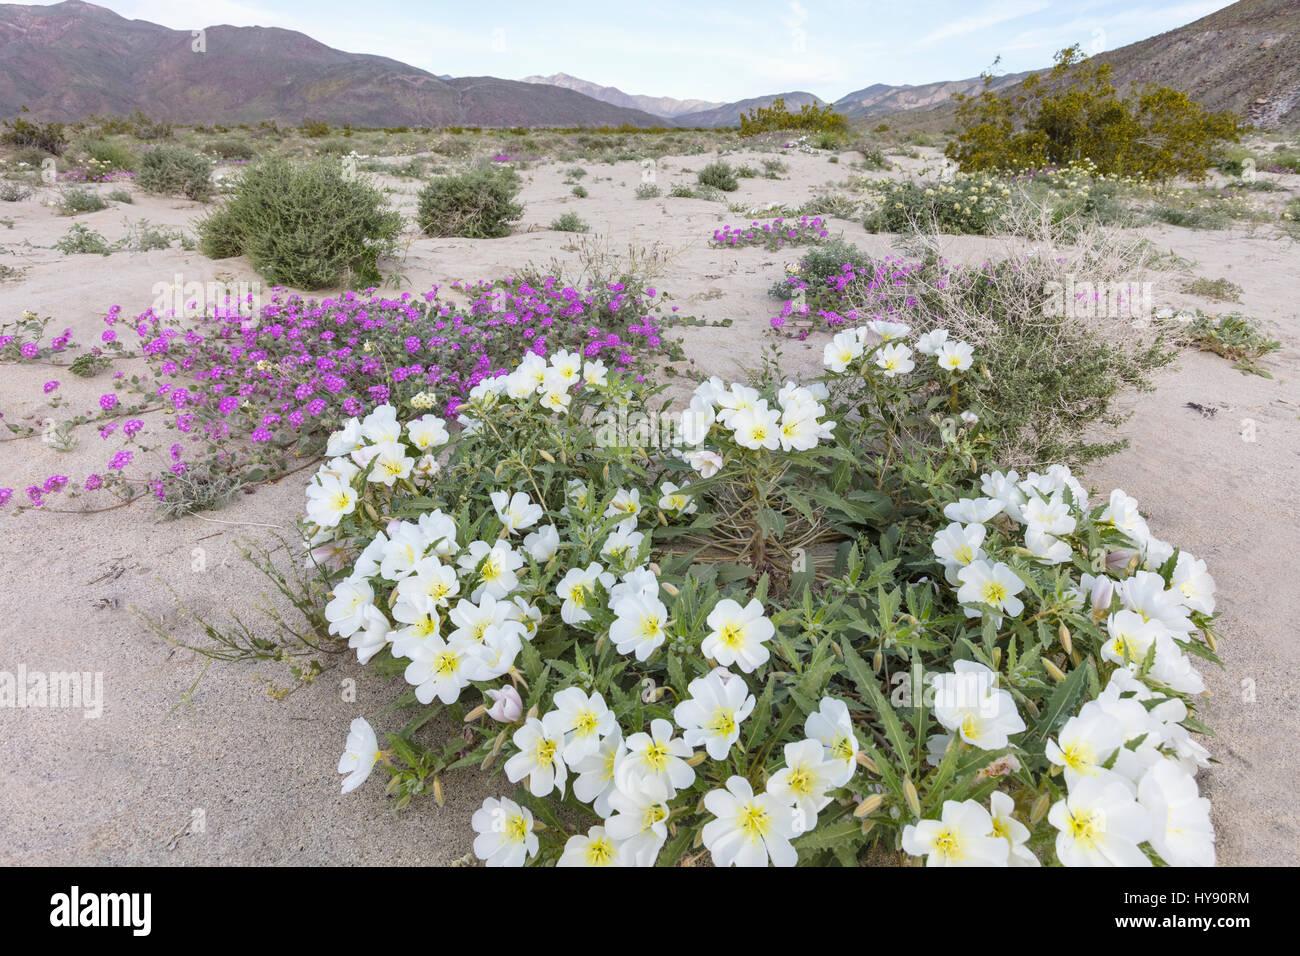 Düne Primel & Wüste Sand Eisenkraut - Anza Borrego SP - California Stockbild